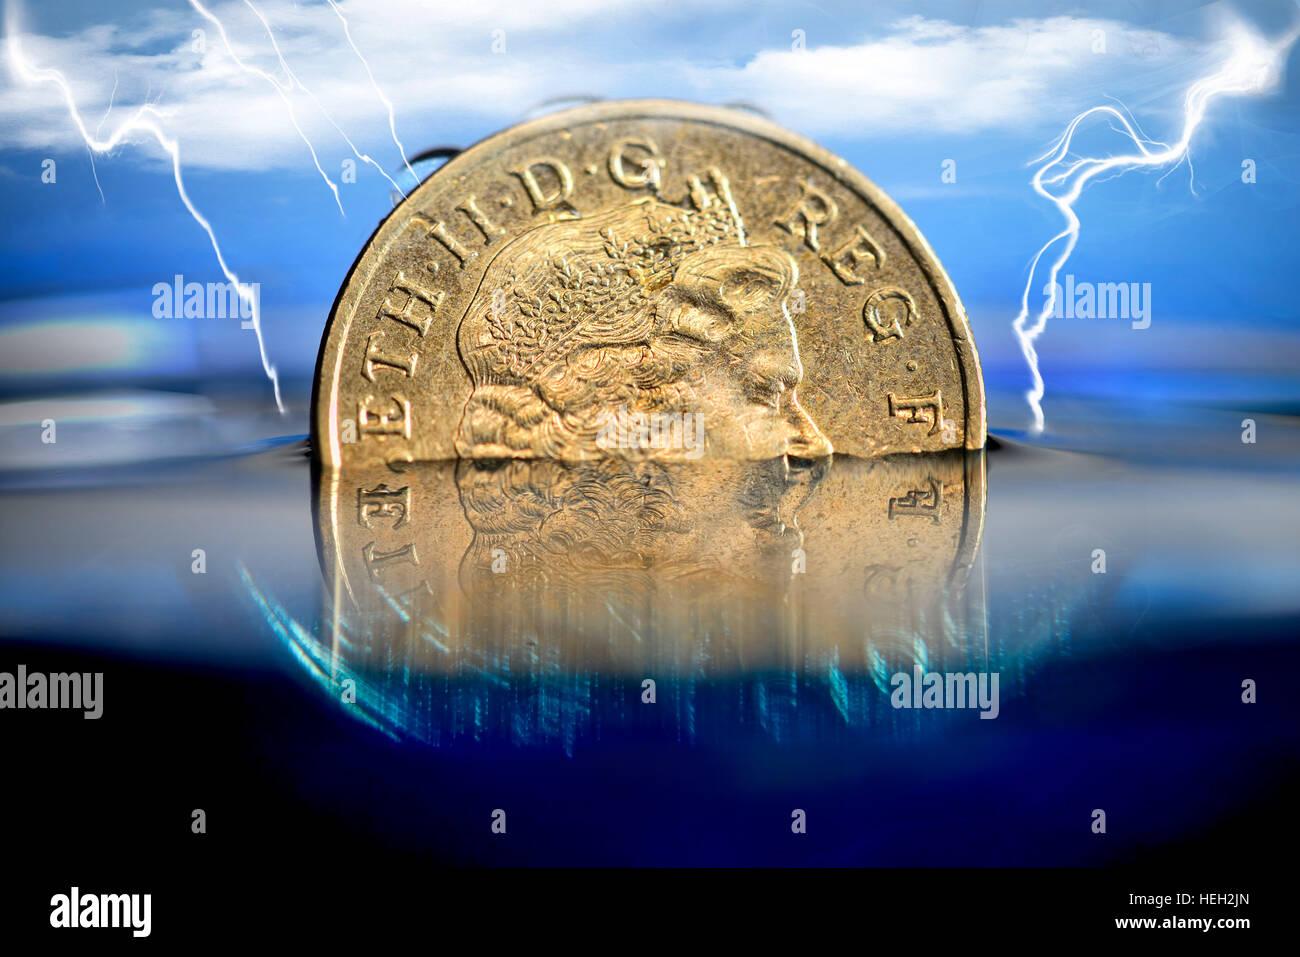 Britische Ein-Pfund-Muenze im Wasser, niedriger Pfund-Kurs - Stock Image